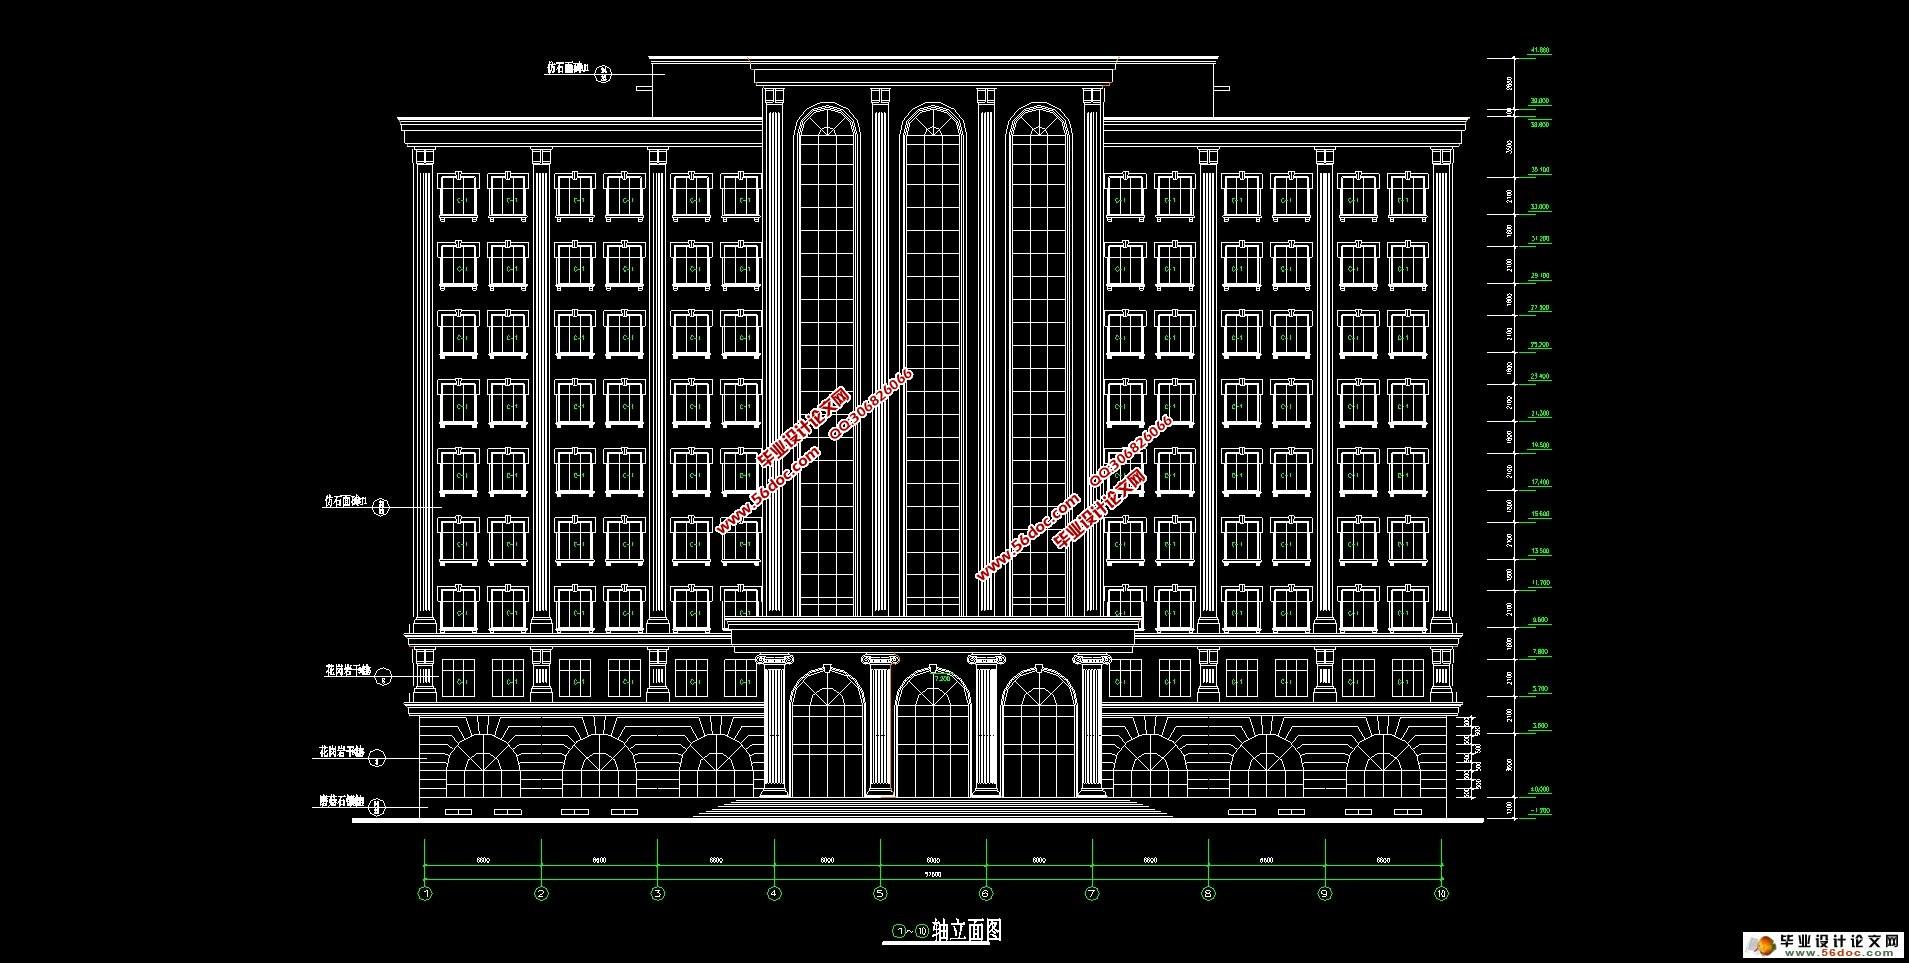 十一层济南市框架剪力墙高层办公楼(含地下车库)(建筑图,结构图)